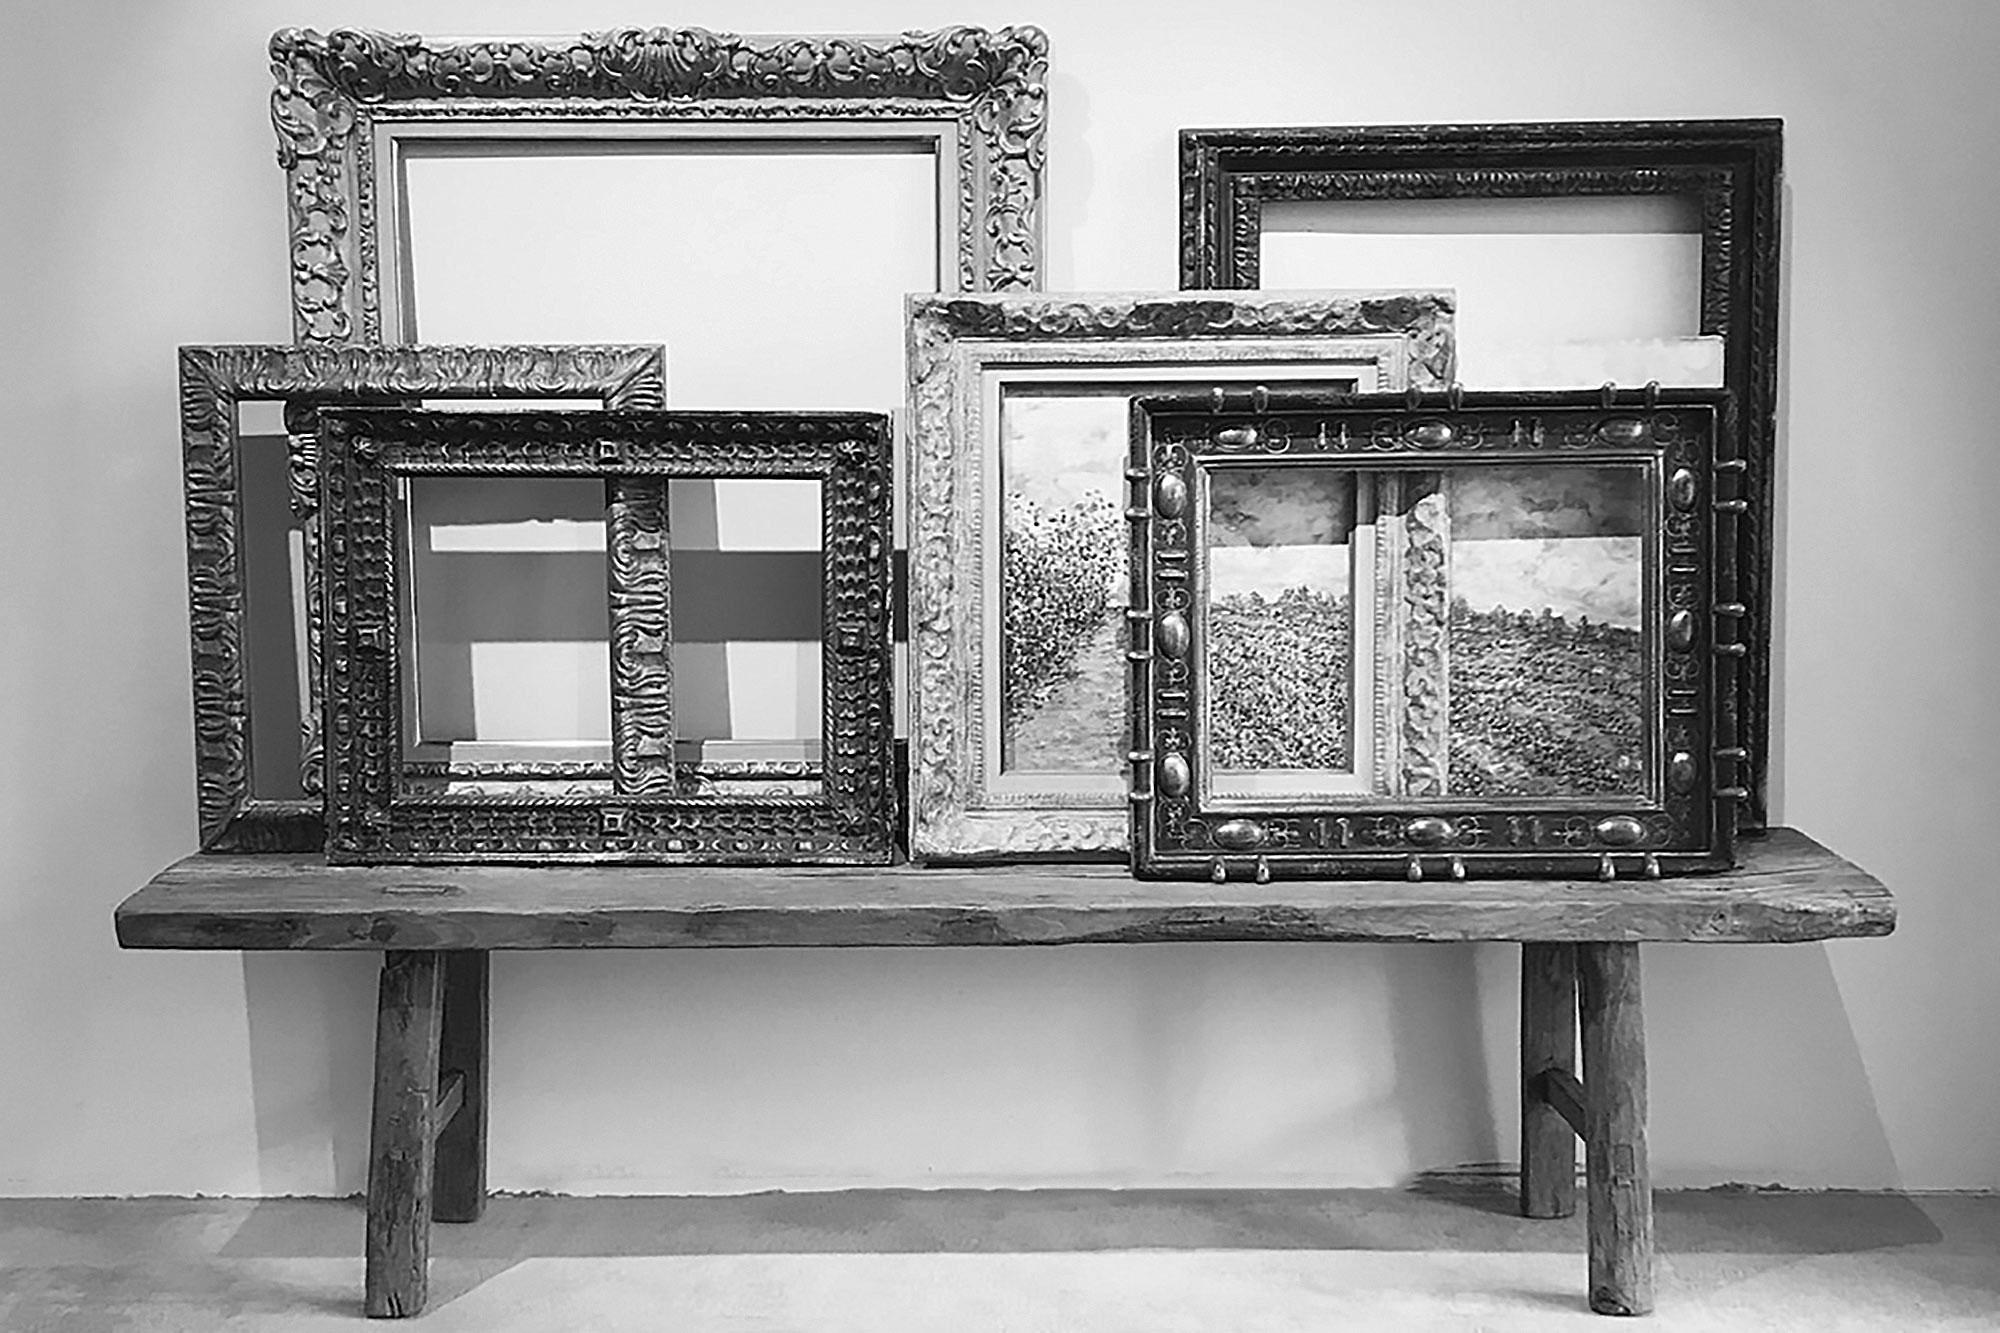 Neess encadrement atelier encadreur cadres de style ancien rg gault réalisés à la main gamme rectangle rue du page Châtelain Bruxelles